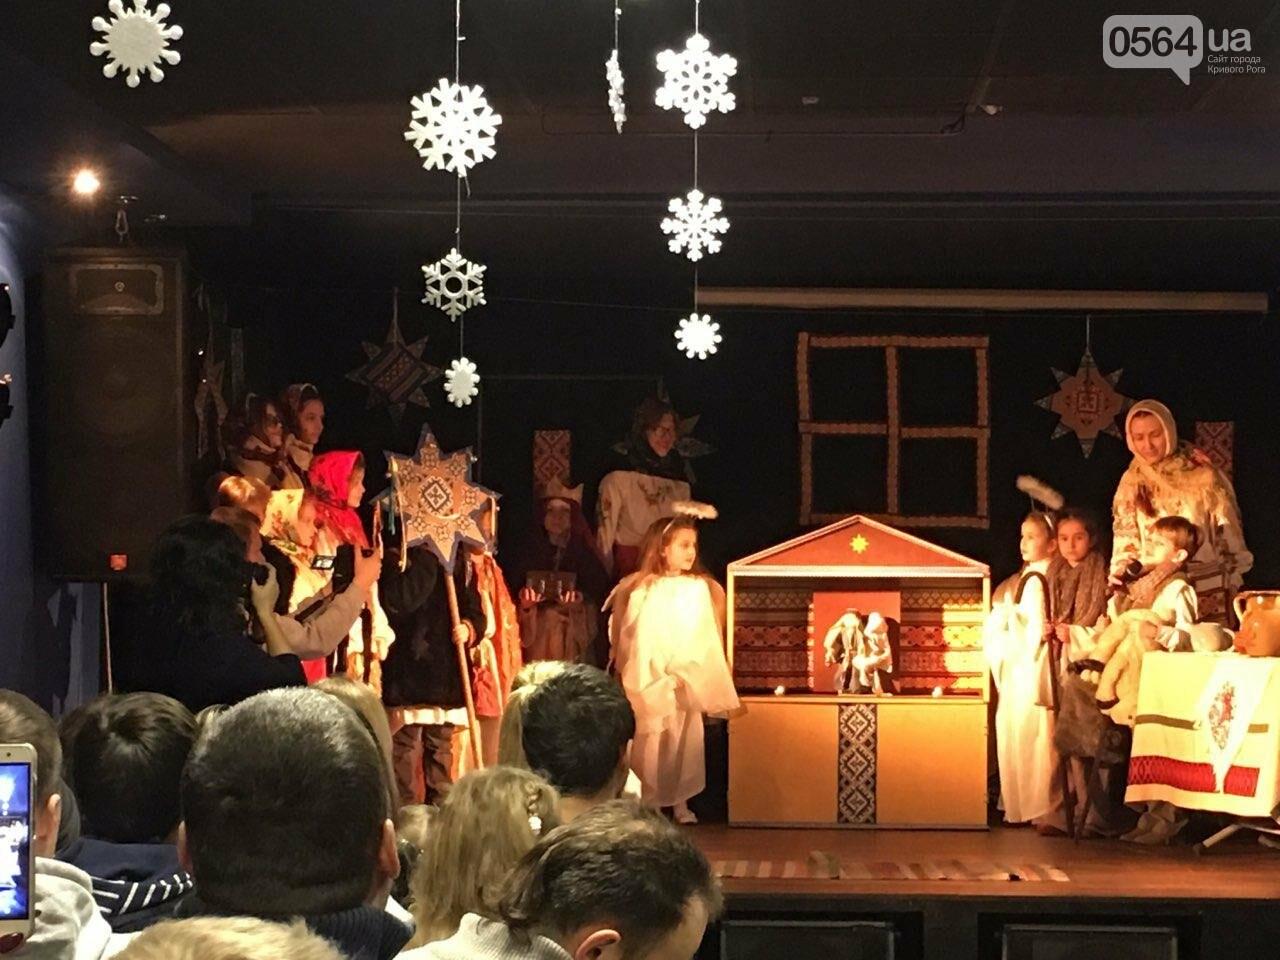 Христос рождается! В Кривом Роге показали Рождественский вертеп, - ФОТО, ВИДЕО, фото-12